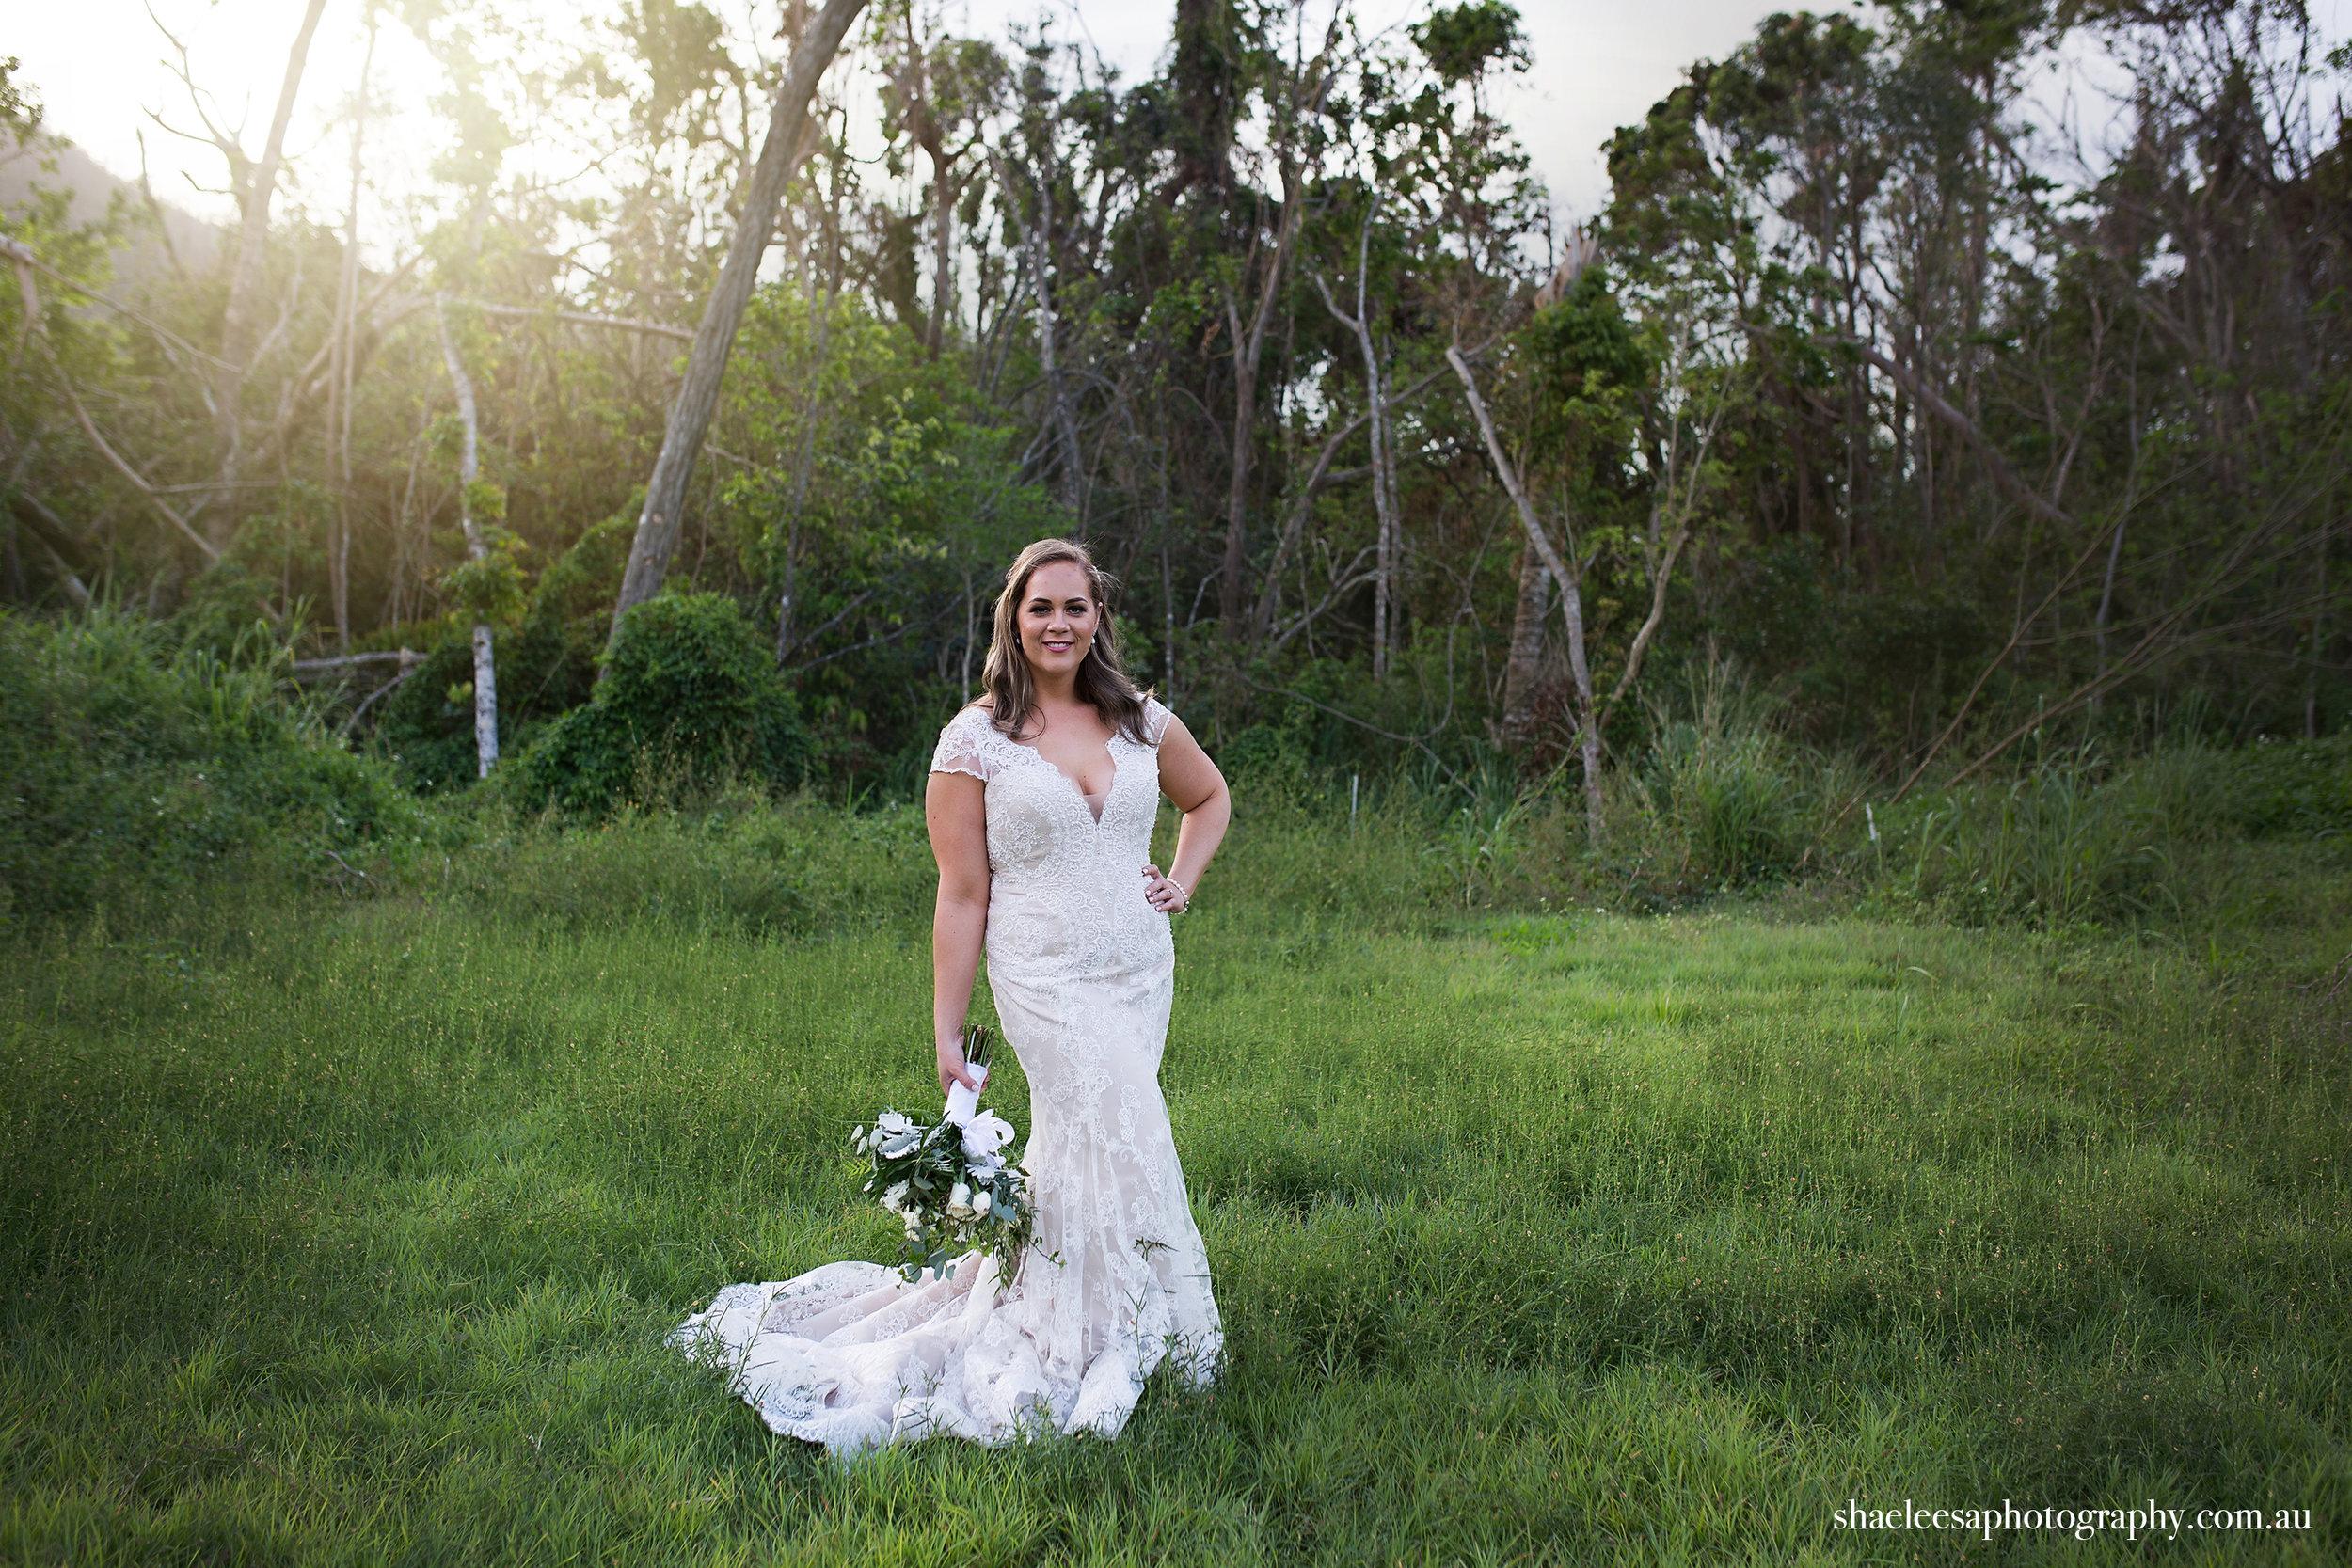 WeddingsByShae_155_McDermid2017.jpg